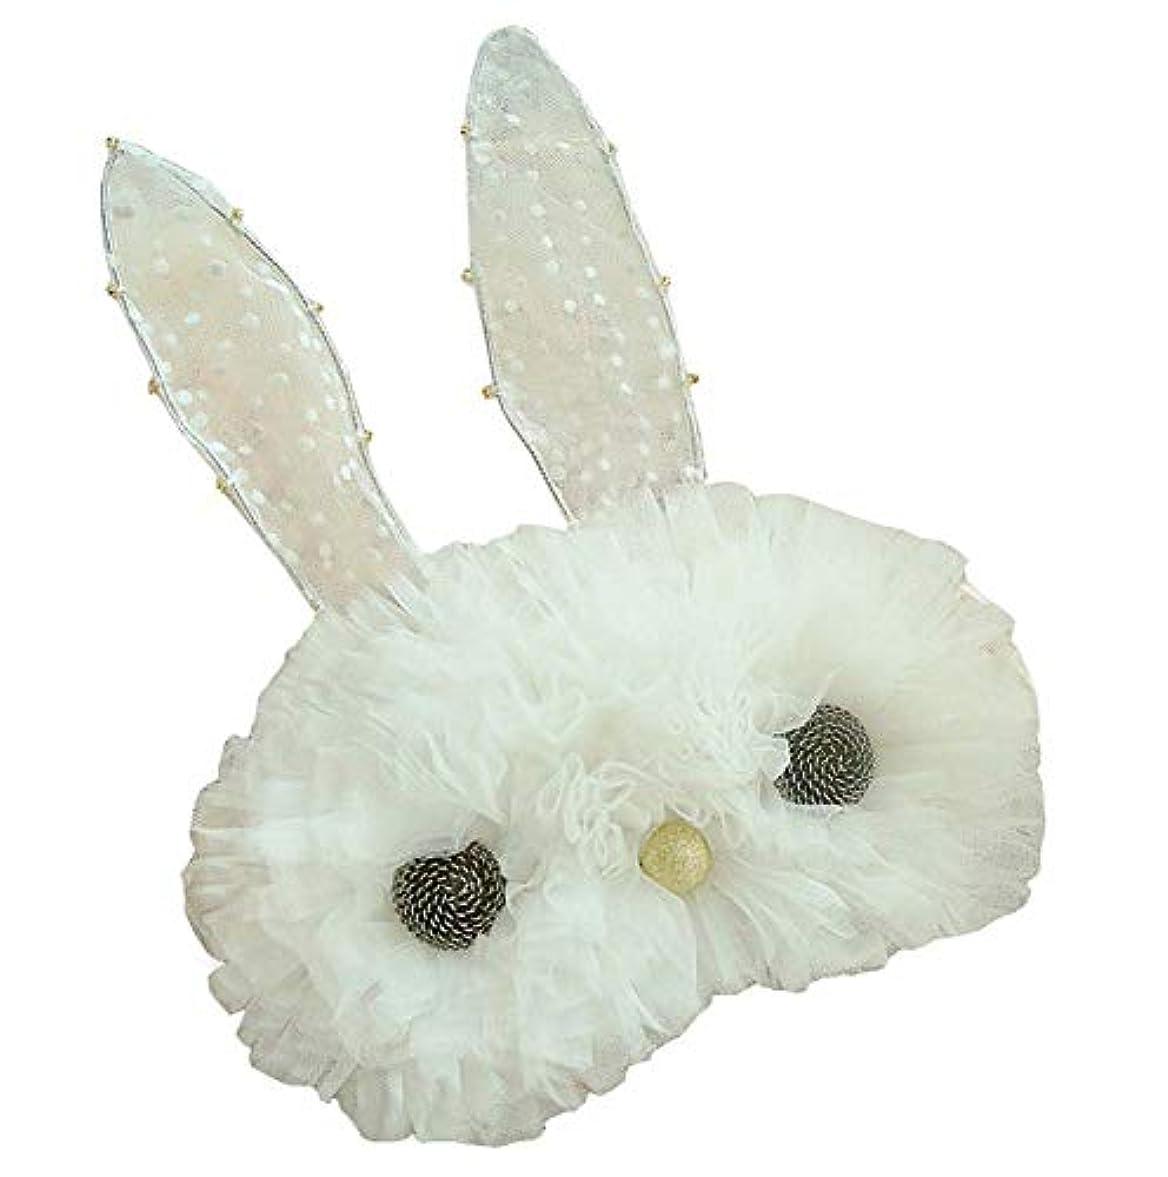 イデオロギー大きさパテ白くかわいいウサギの睡眠の目マスクの柔らかい目隠しの睡眠のマスクの家の睡眠旅行のための目カバー